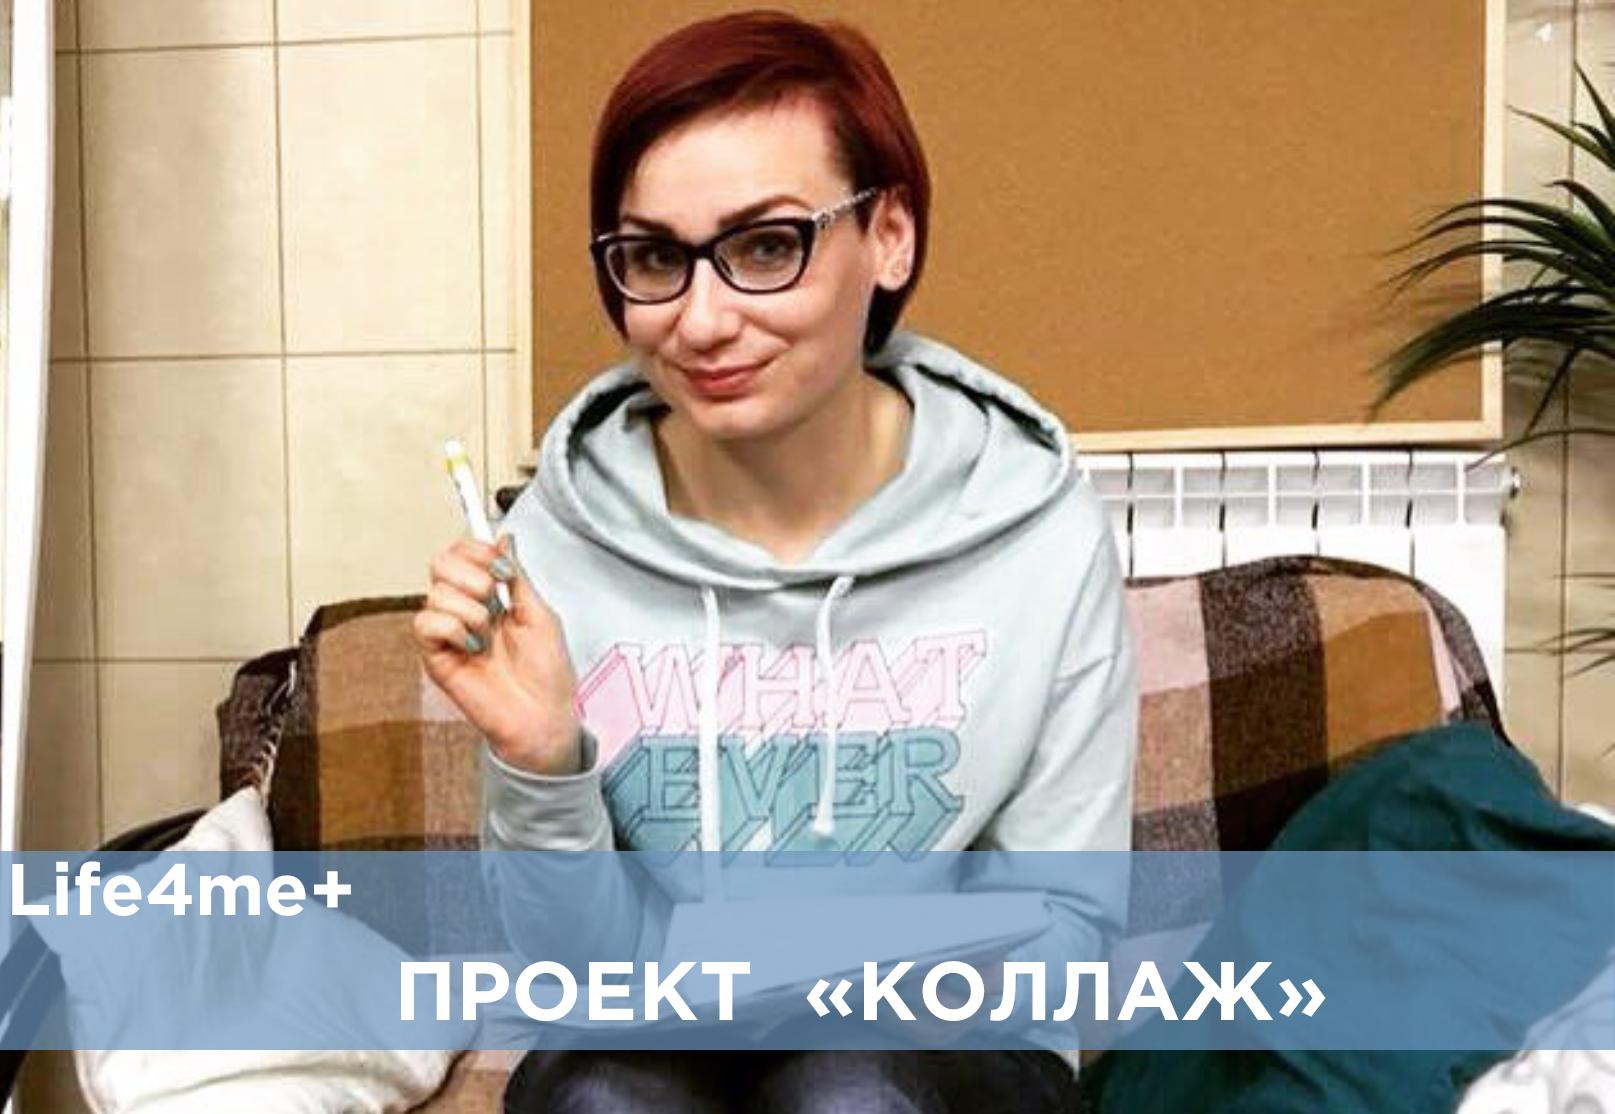 «Коллаж»: Алена Тарасова, г. Тула, Россия